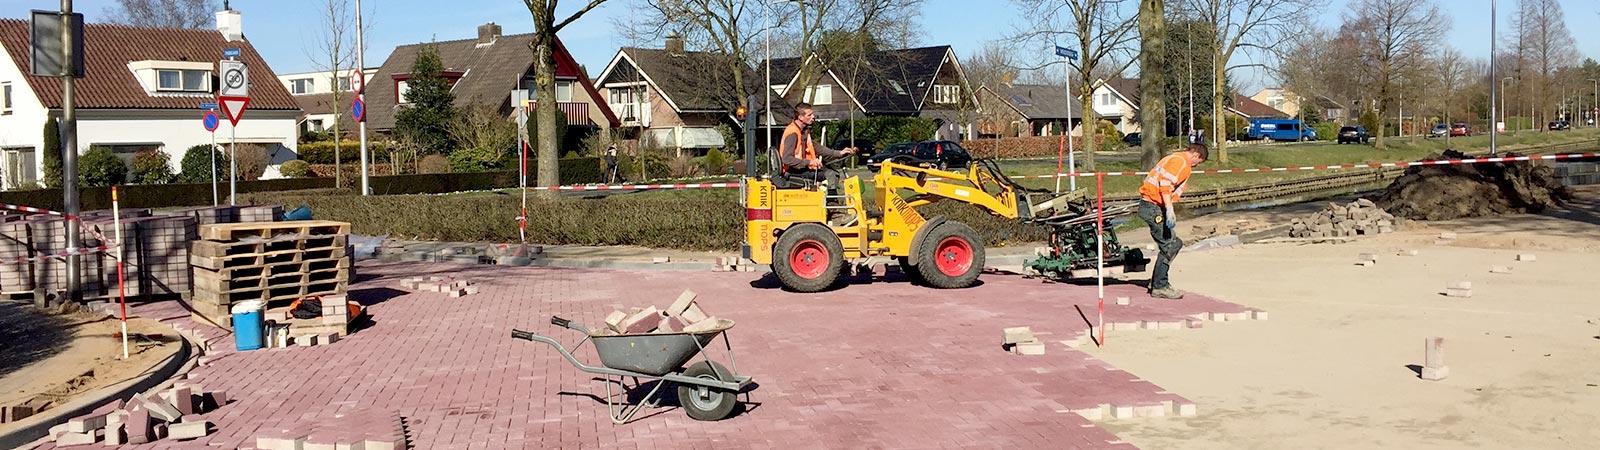 Wegenbouwbedrijf - Parklaan Culemborg